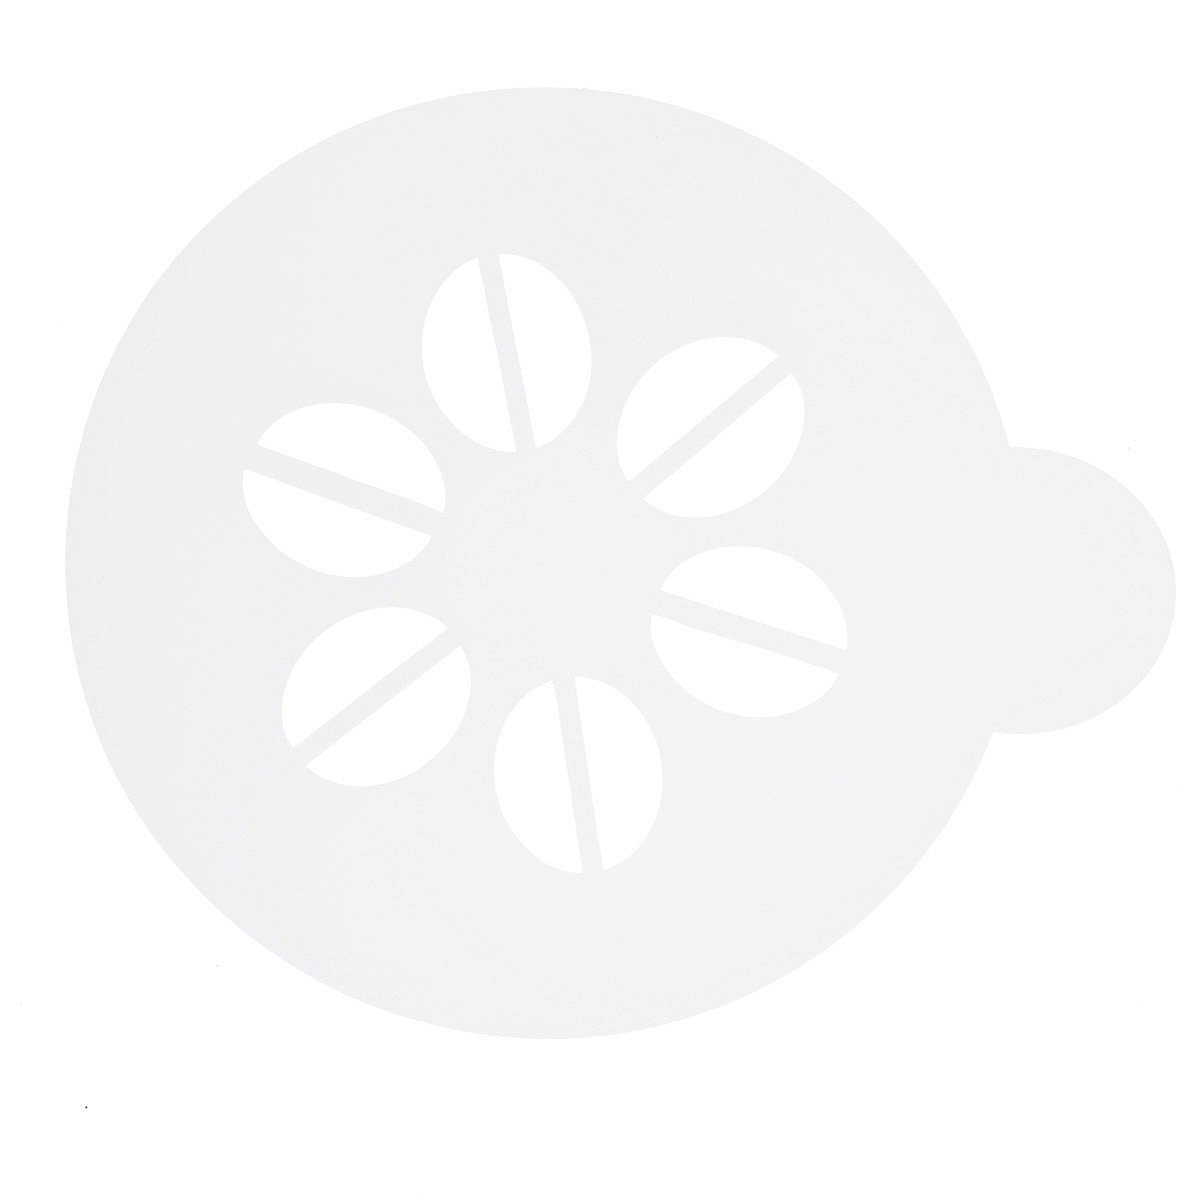 Трафарет на кофе и десерты Леденцовая фабрика Зерна кофе, диаметр 10 смFS-91909Трафарет представляет собой пластину с прорезями, через которые пищевая краска (сахарная пудра, какао, шоколад, сливки, корица, дробленый орех) наносится на поверхность кофе, молочных коктейлей, десертов. Трафарет изготовлен из матового пищевого пластика 250 мкм и пригоден для контакта с пищевыми продуктами. Трафарет многоразовый. Побалуйте себя и ваших близких красиво оформленным кофе.